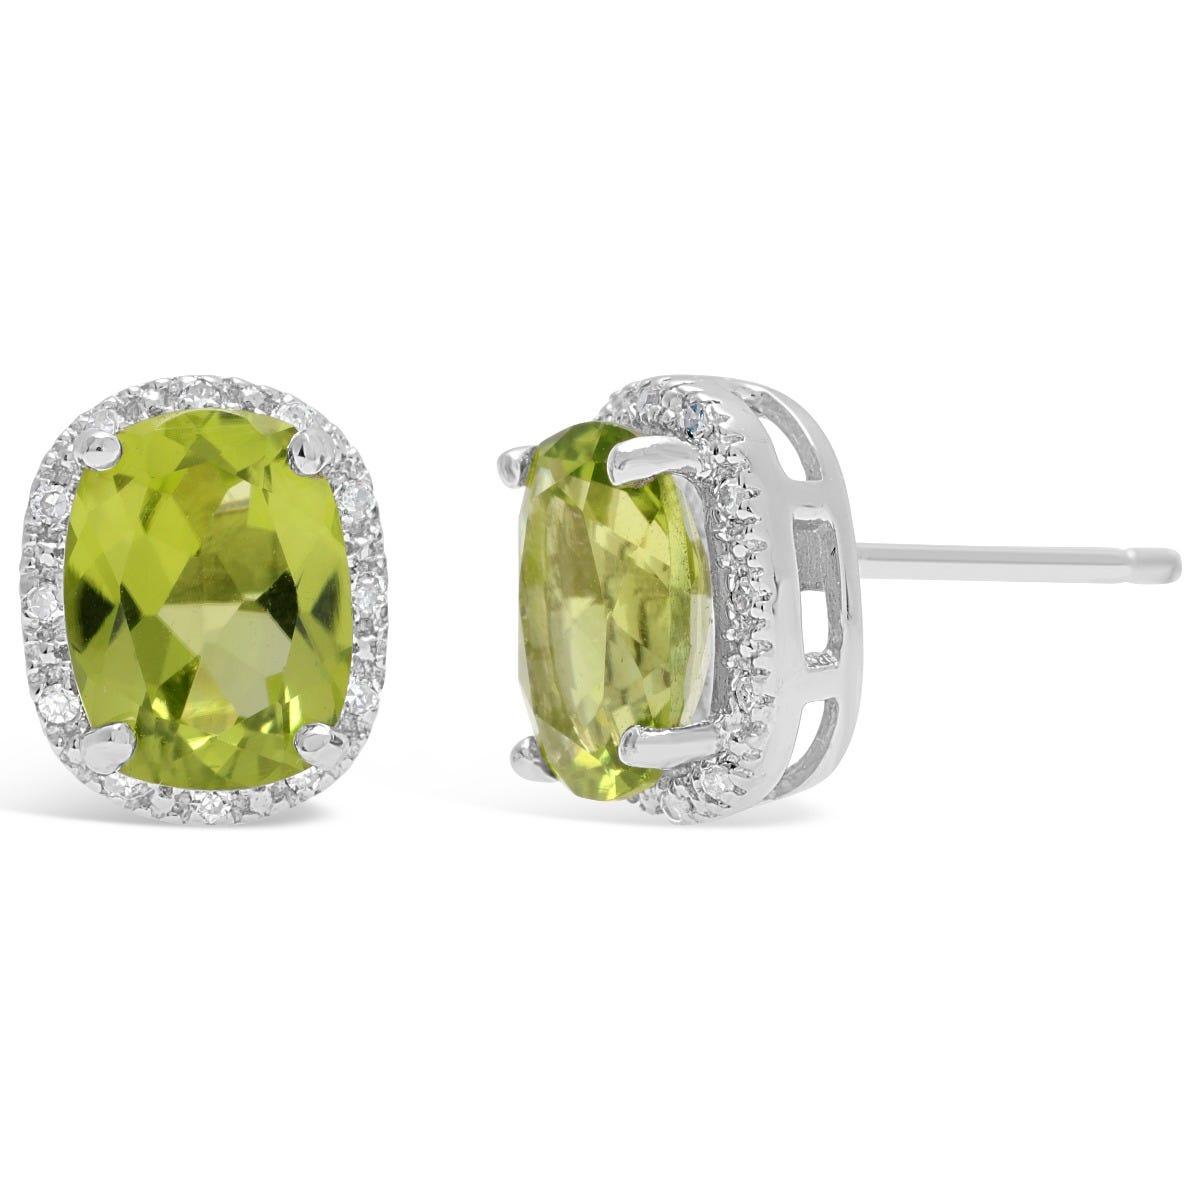 Peridot & Diamond Halo Stud Earrings in Sterling Silver